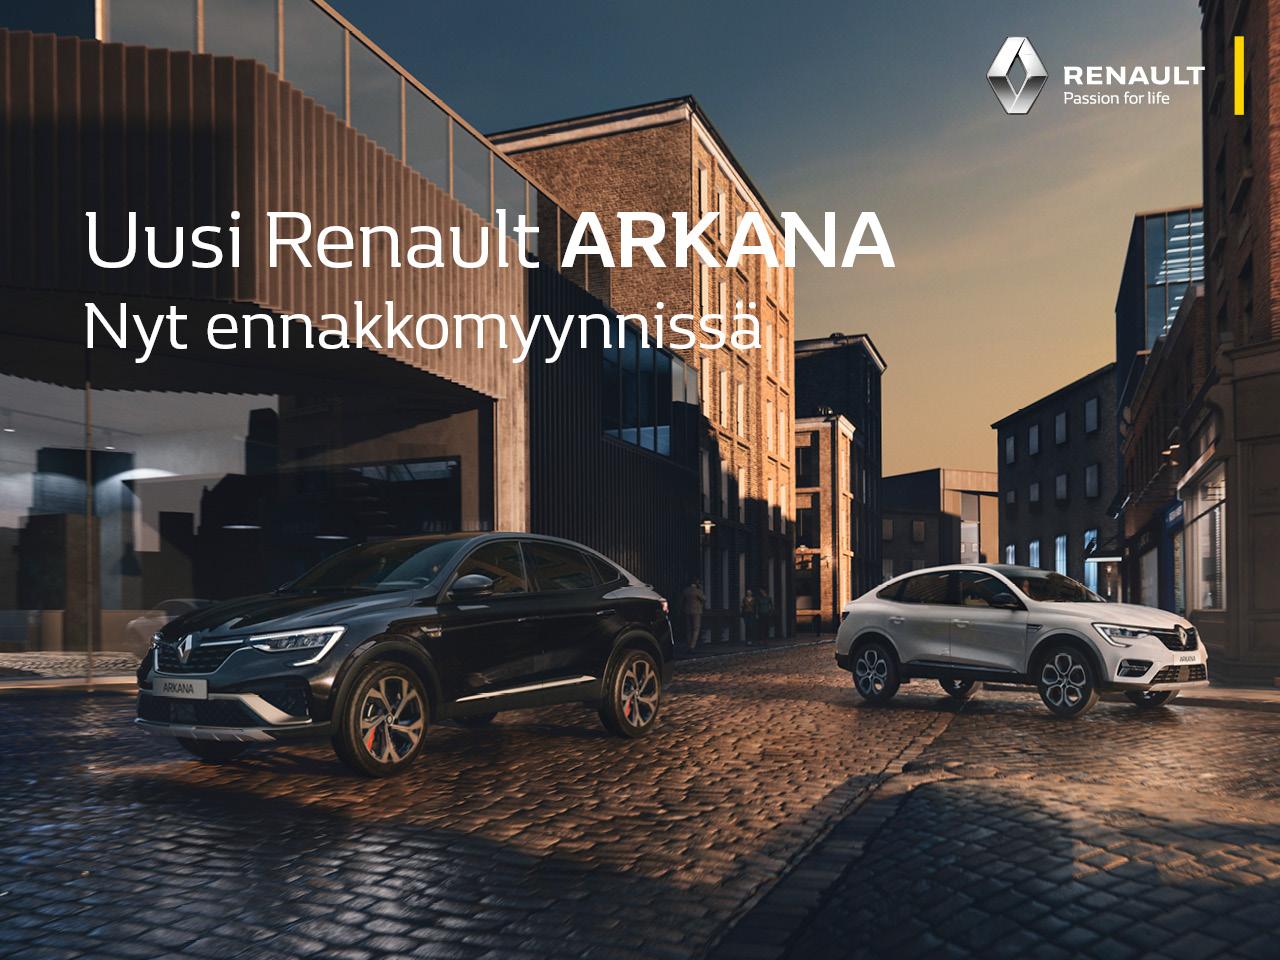 Renault Arkana nyt ennakkomyynnissä